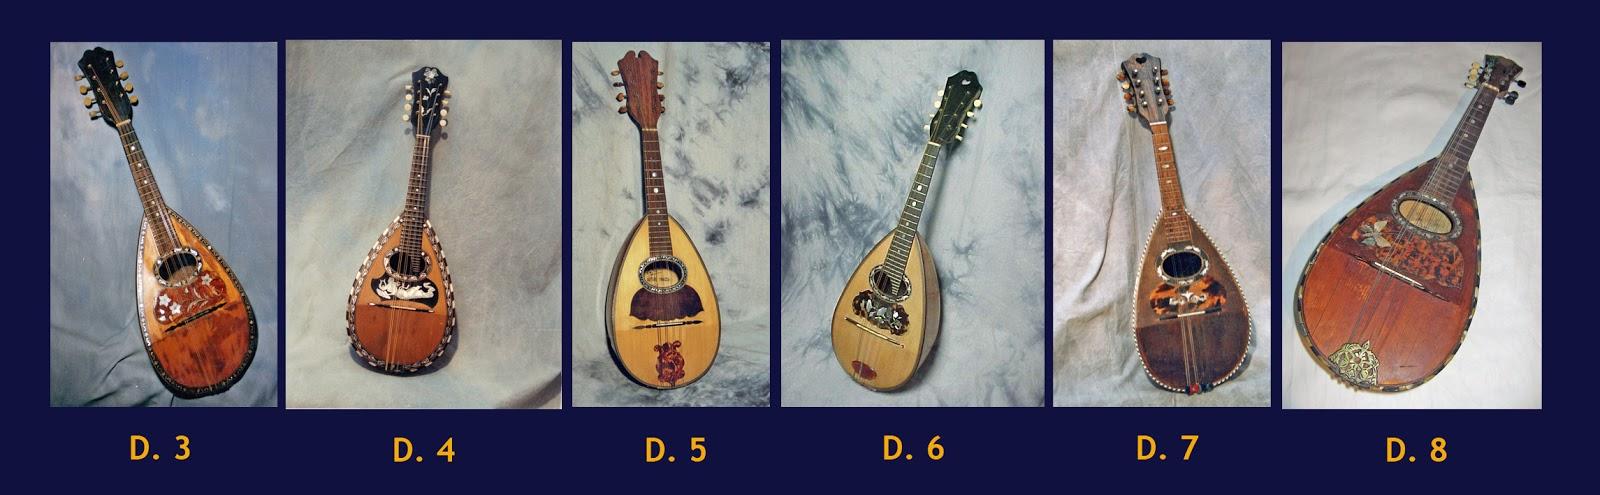 mandolino datazione pregare in un rapporto di datazione